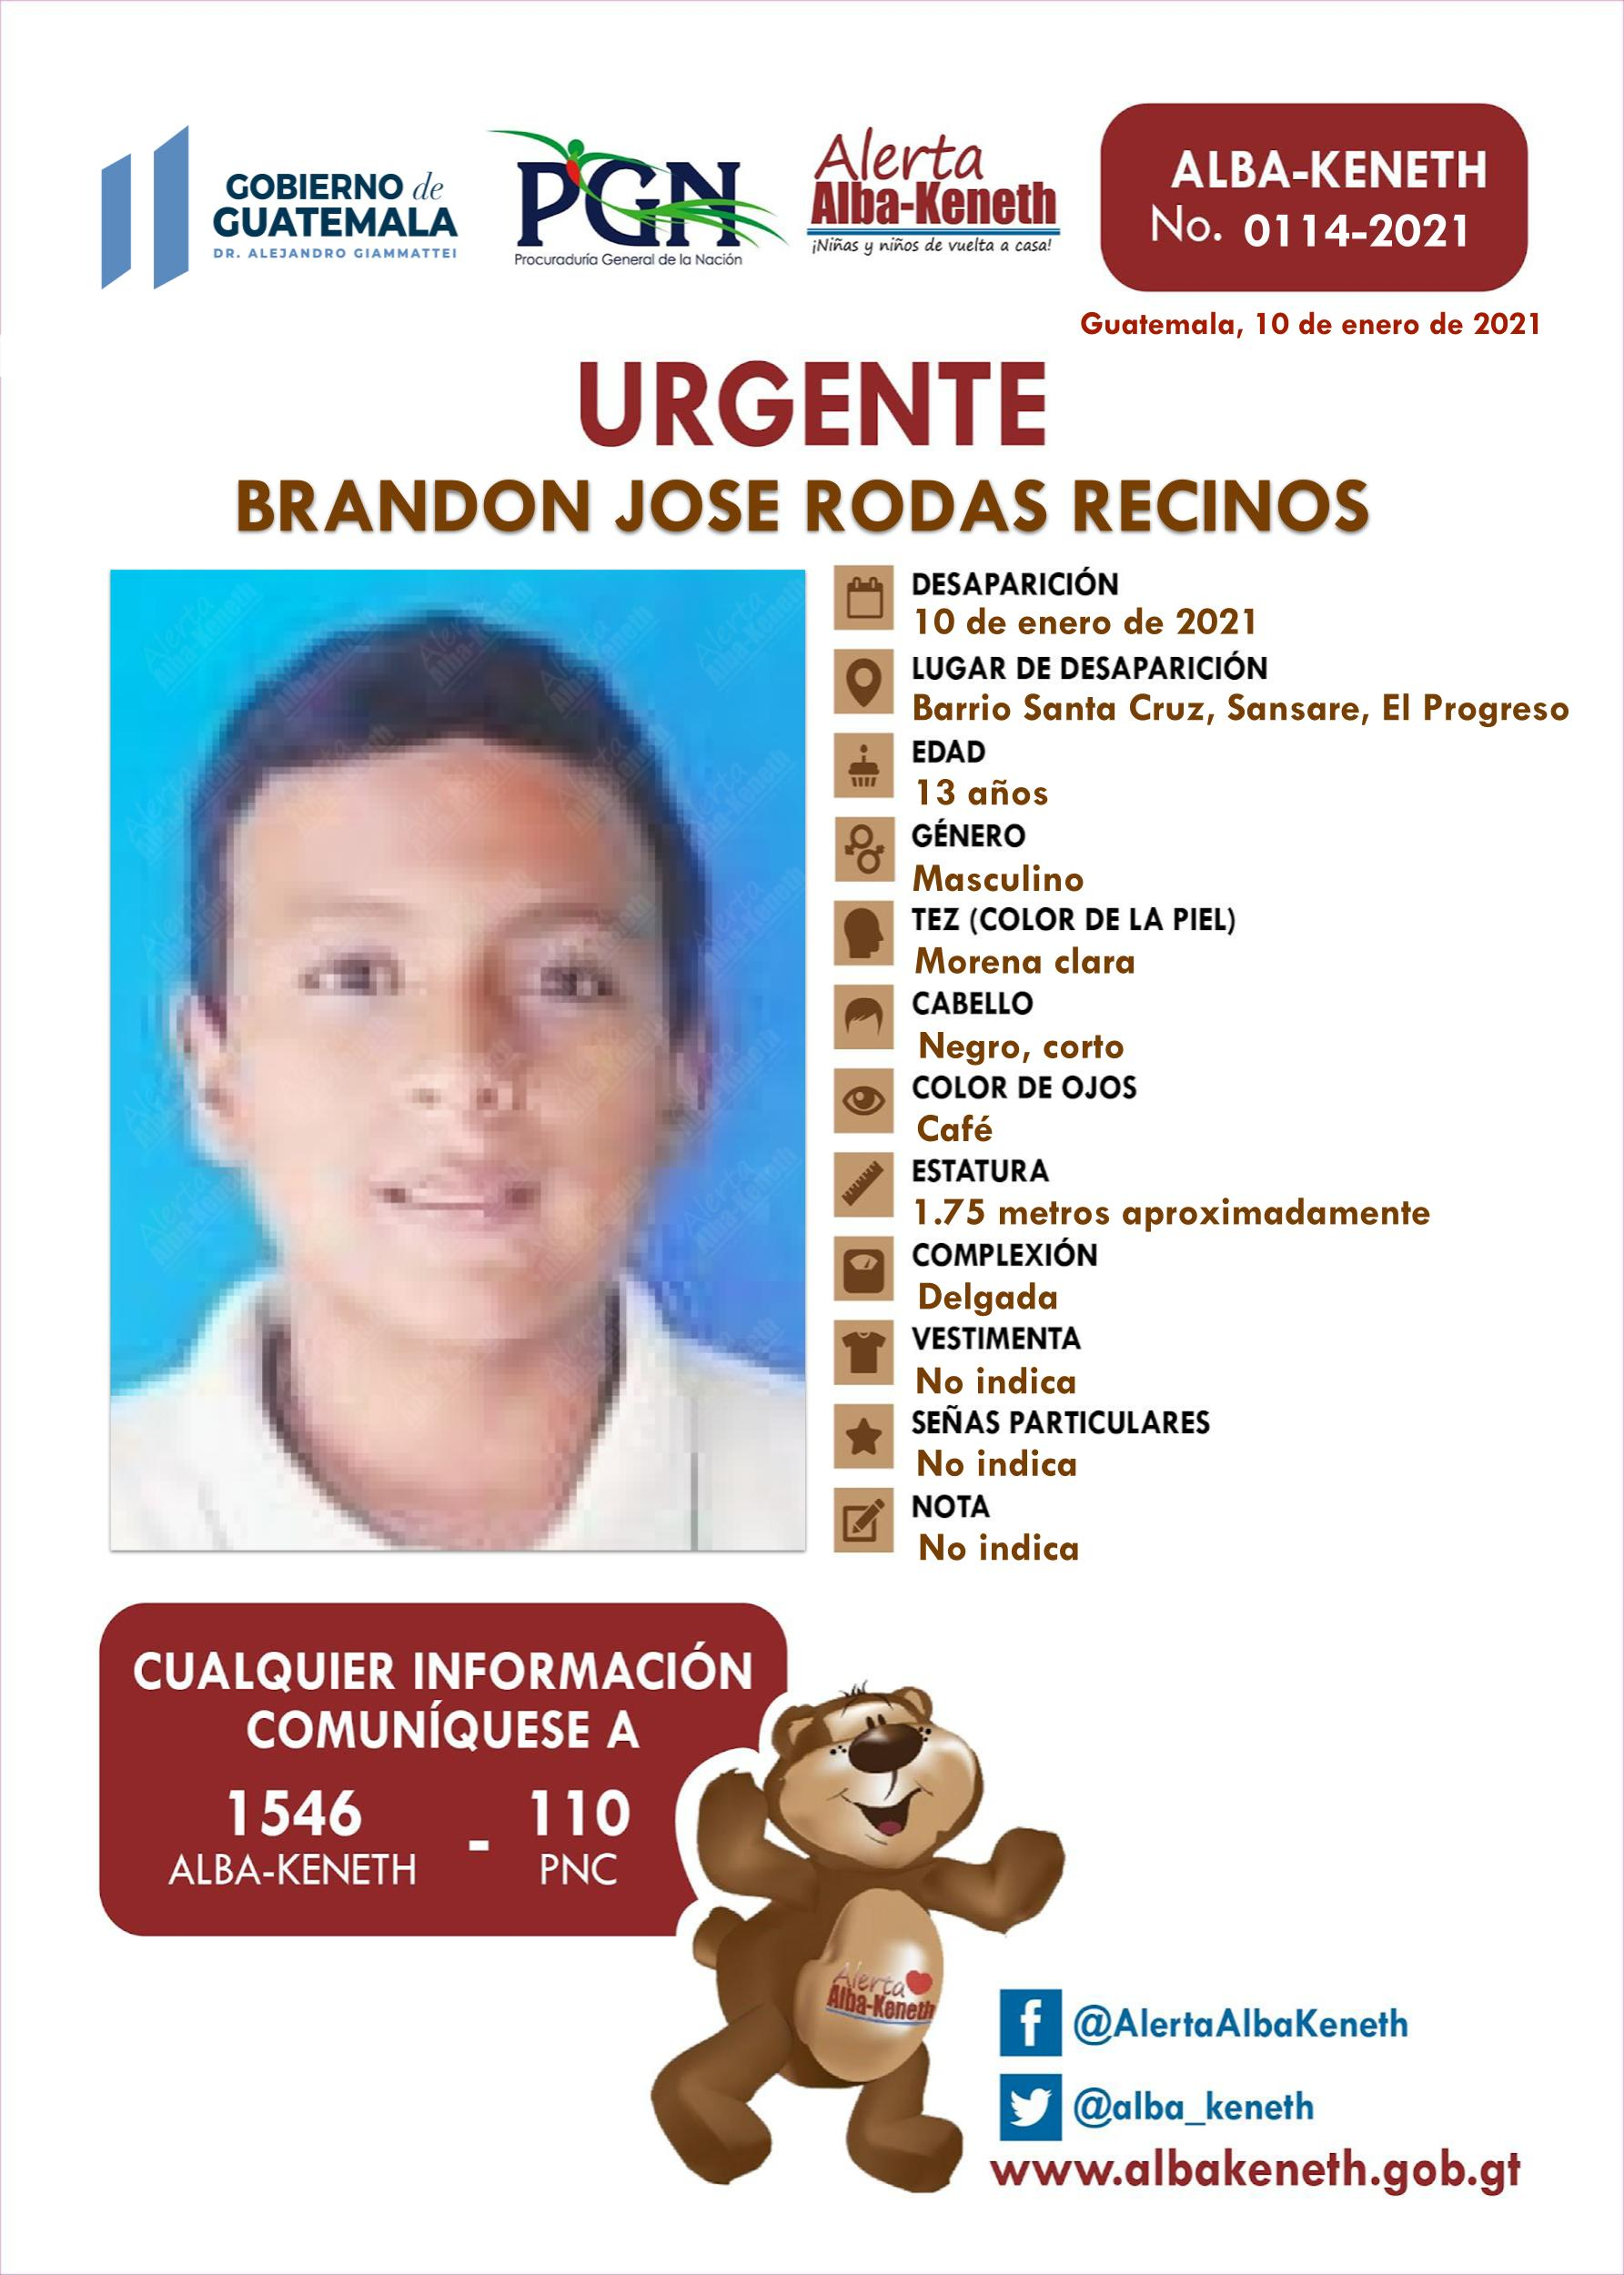 Brandon Jose Rodas Recinos